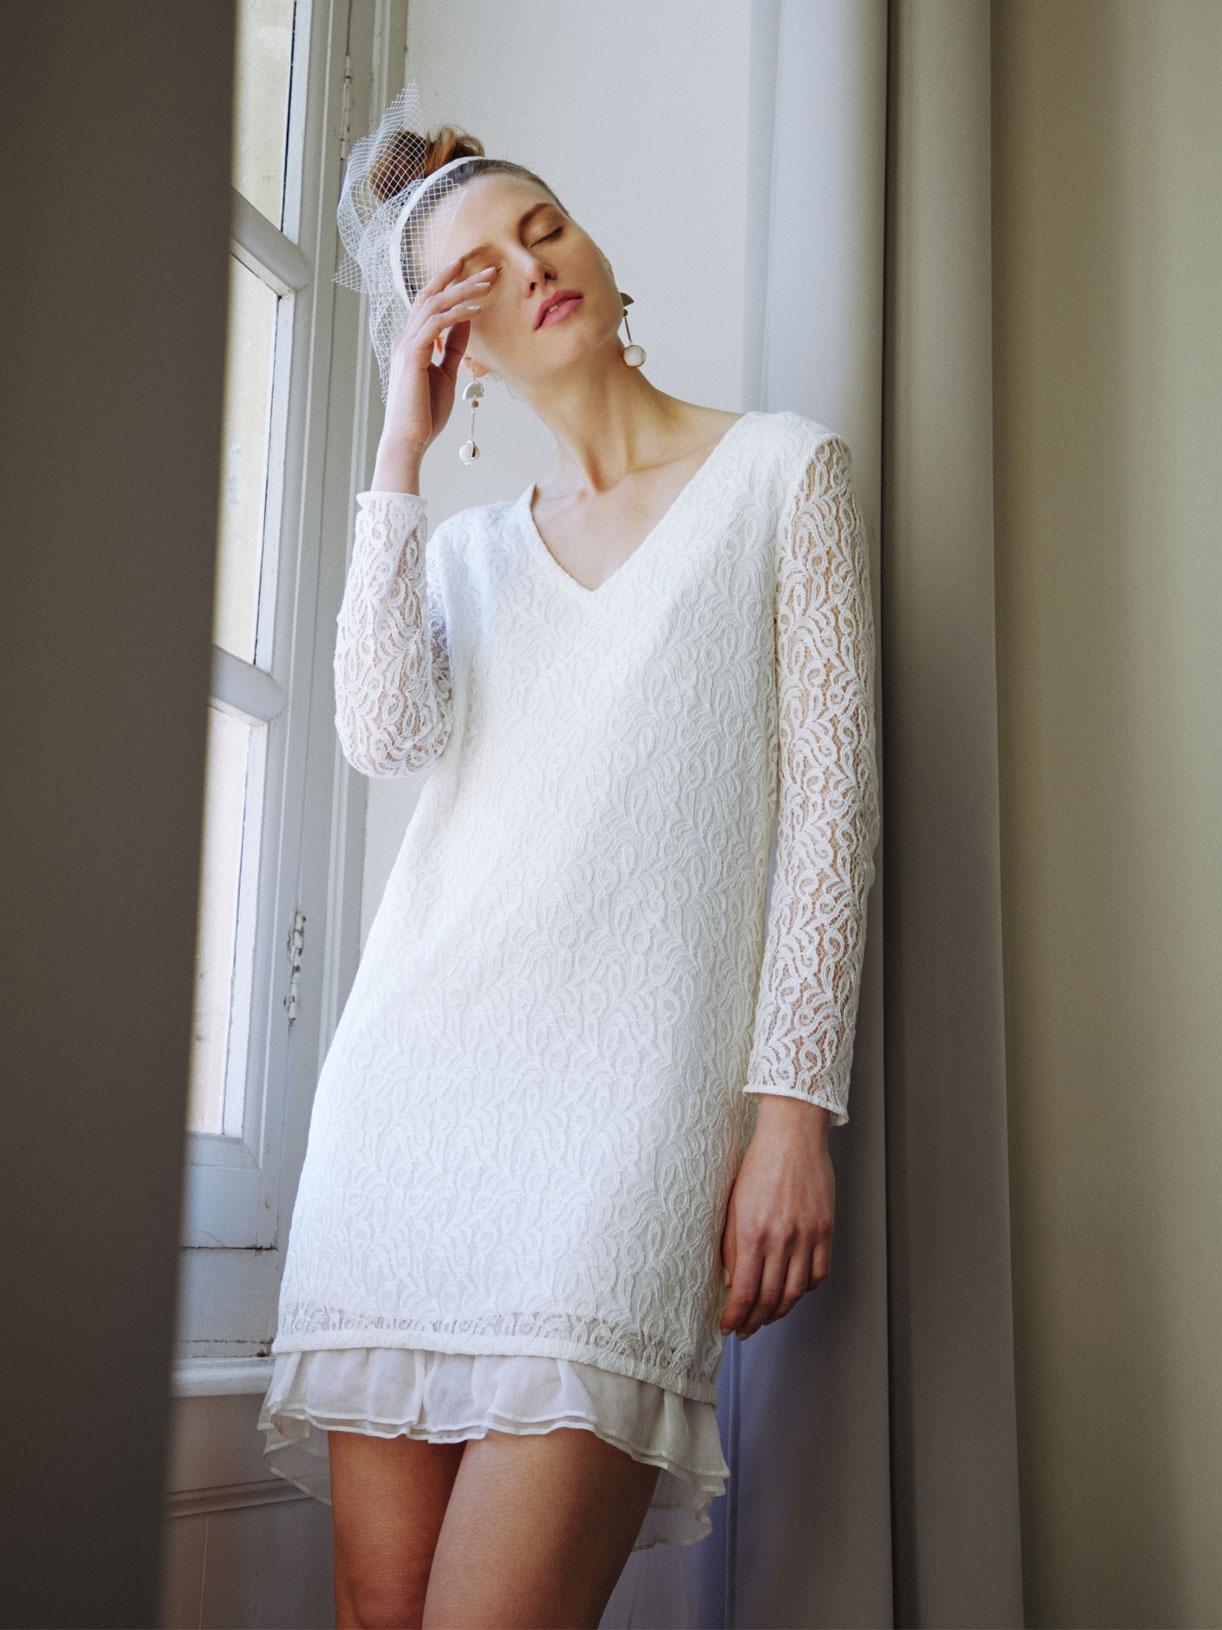 JOY - Robe de mariée à volant en dentelle avec nœud dans le dos - Créatrice de robes de mariée sur-mesure éthique et bio sur Paris - Myphilosophy